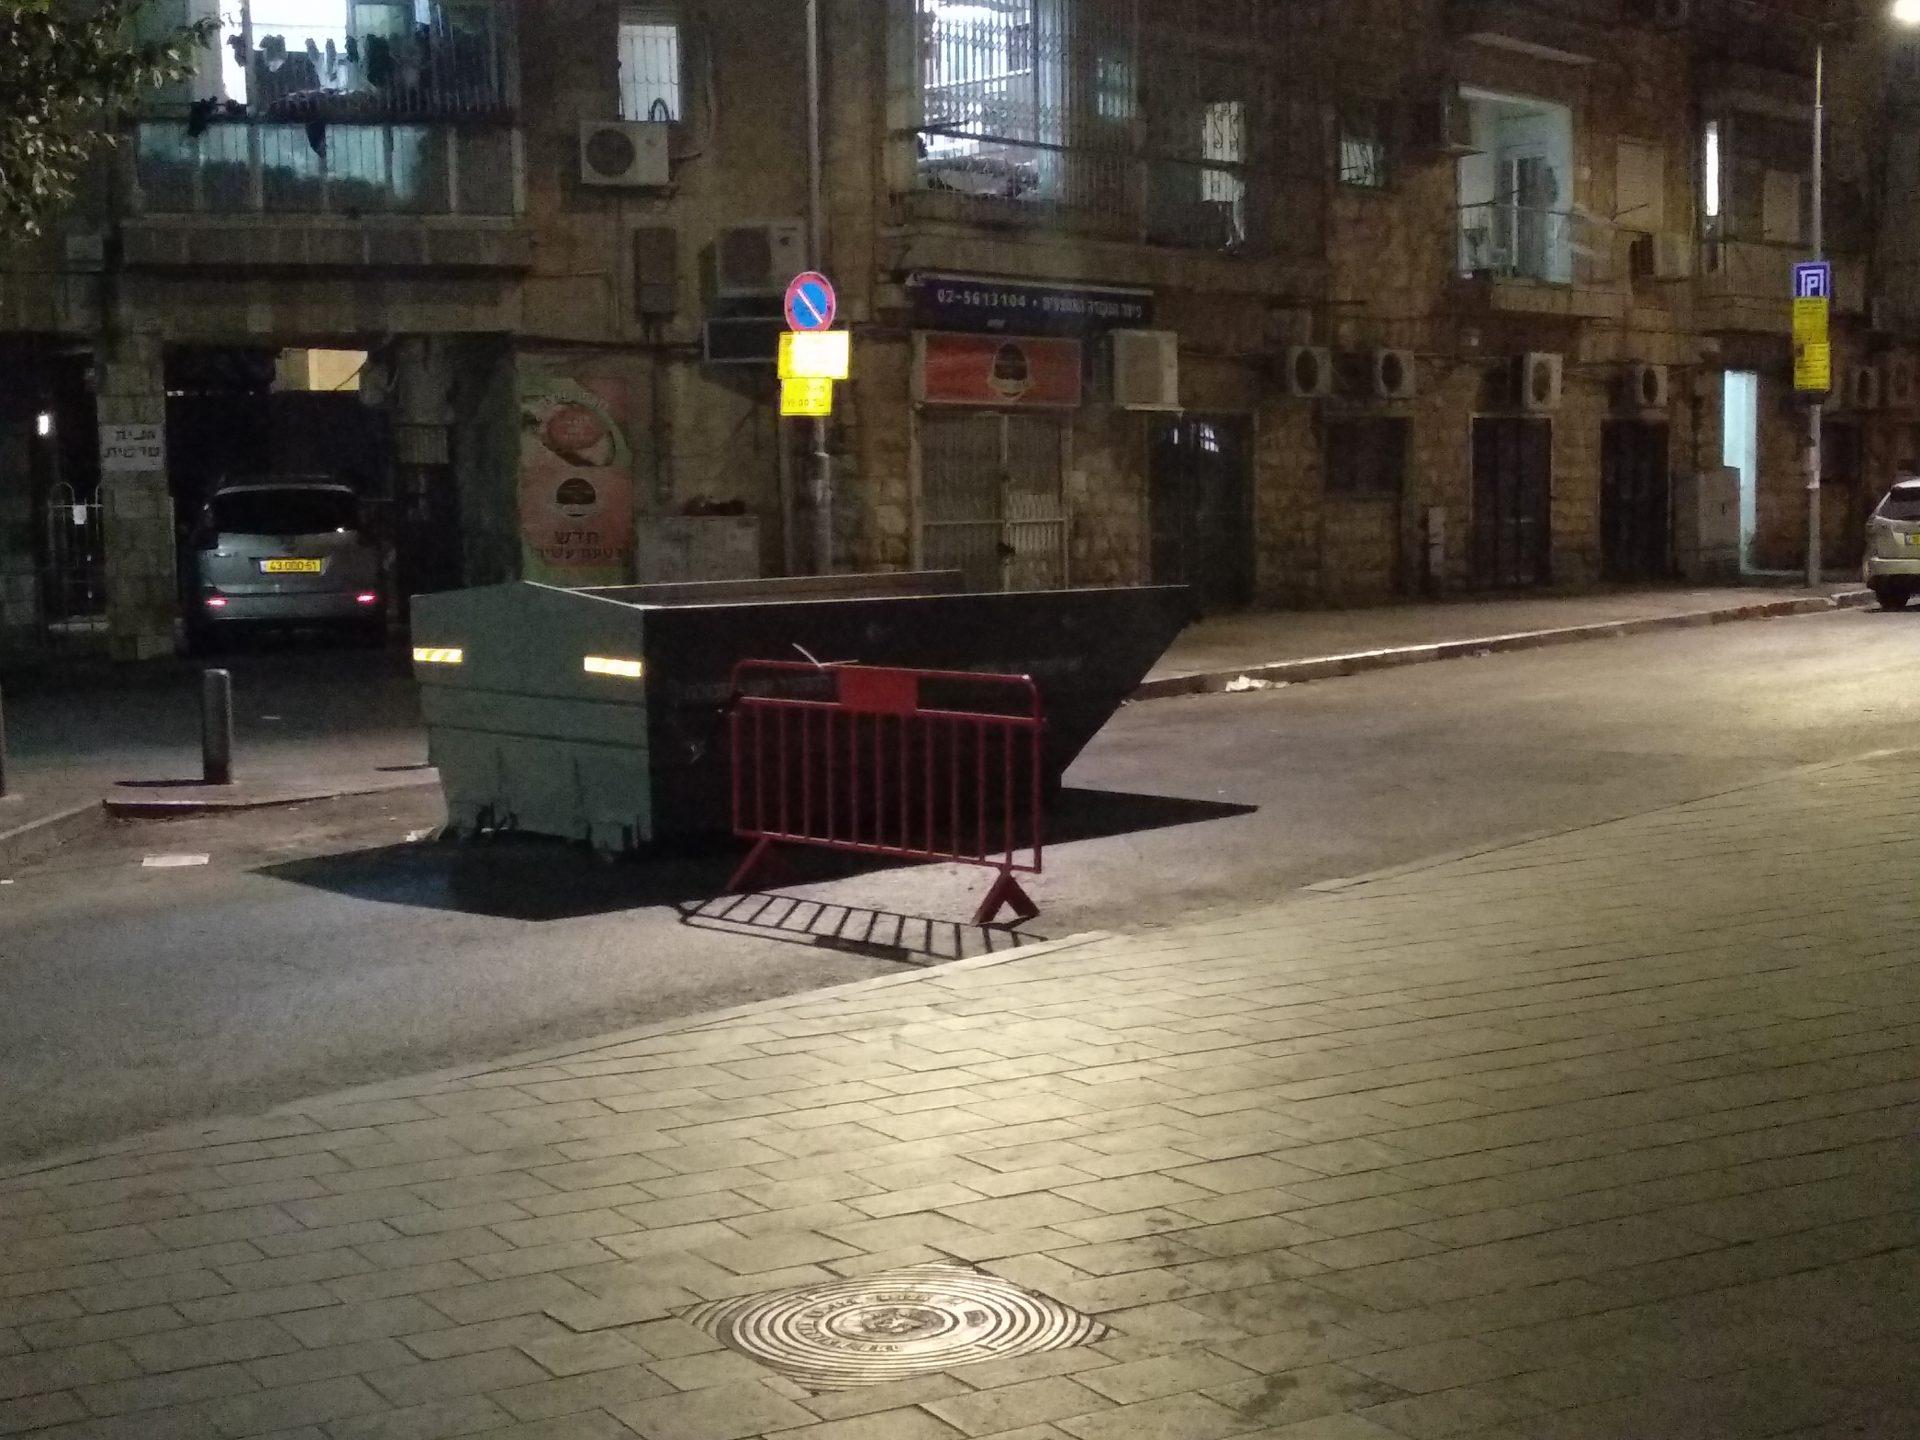 פח אשפה כמחסום למעבר כלי רכב בשבתות (צילום: פרטי)